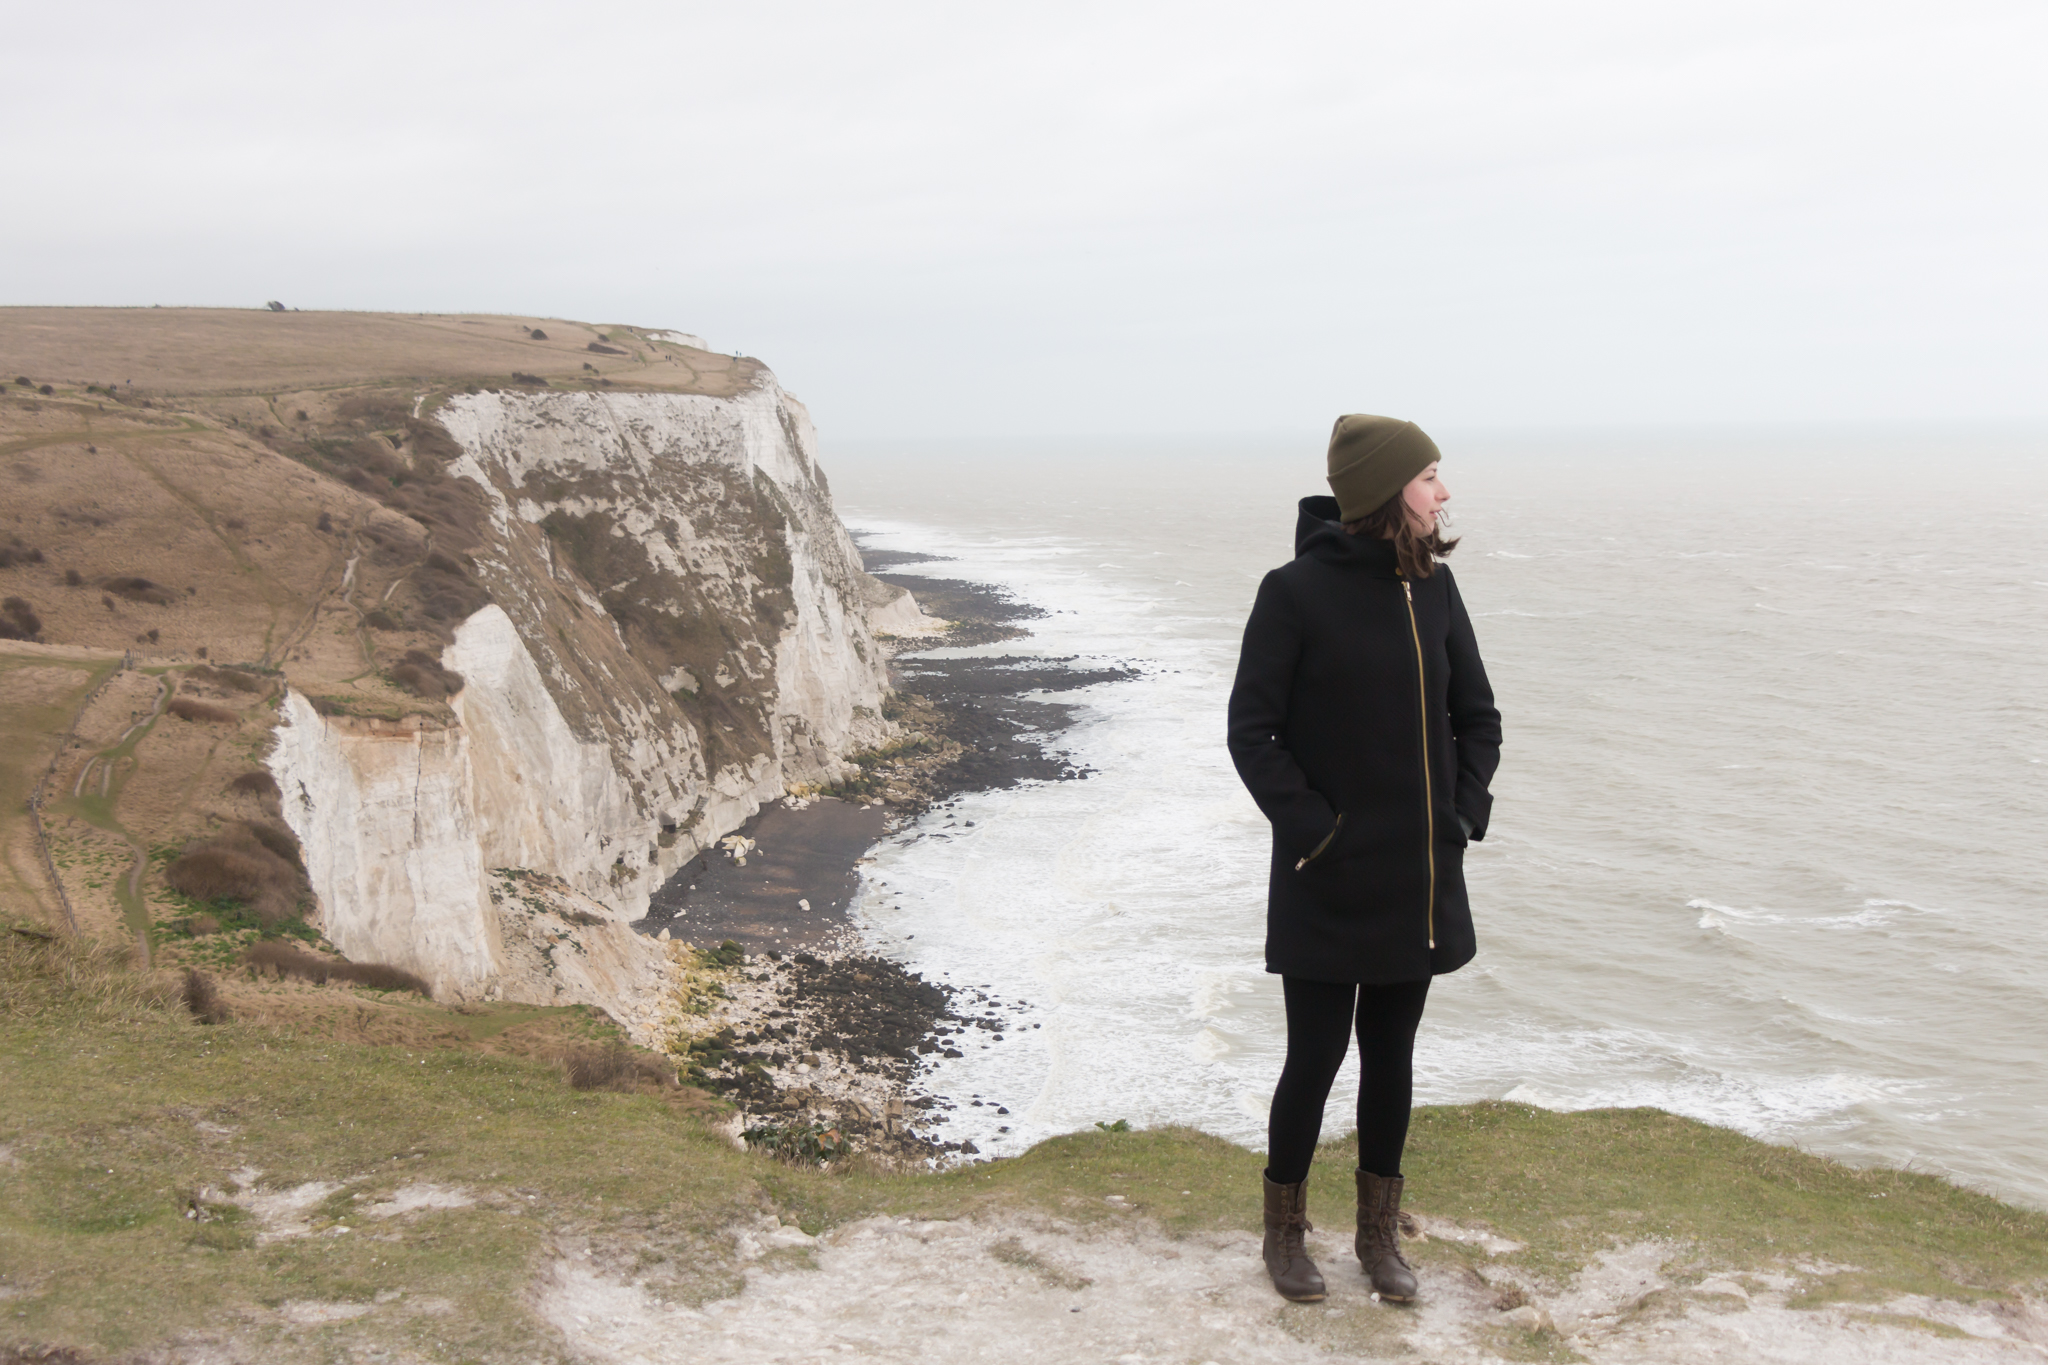 White Cliffs of Dover, England   Sea of Atlas